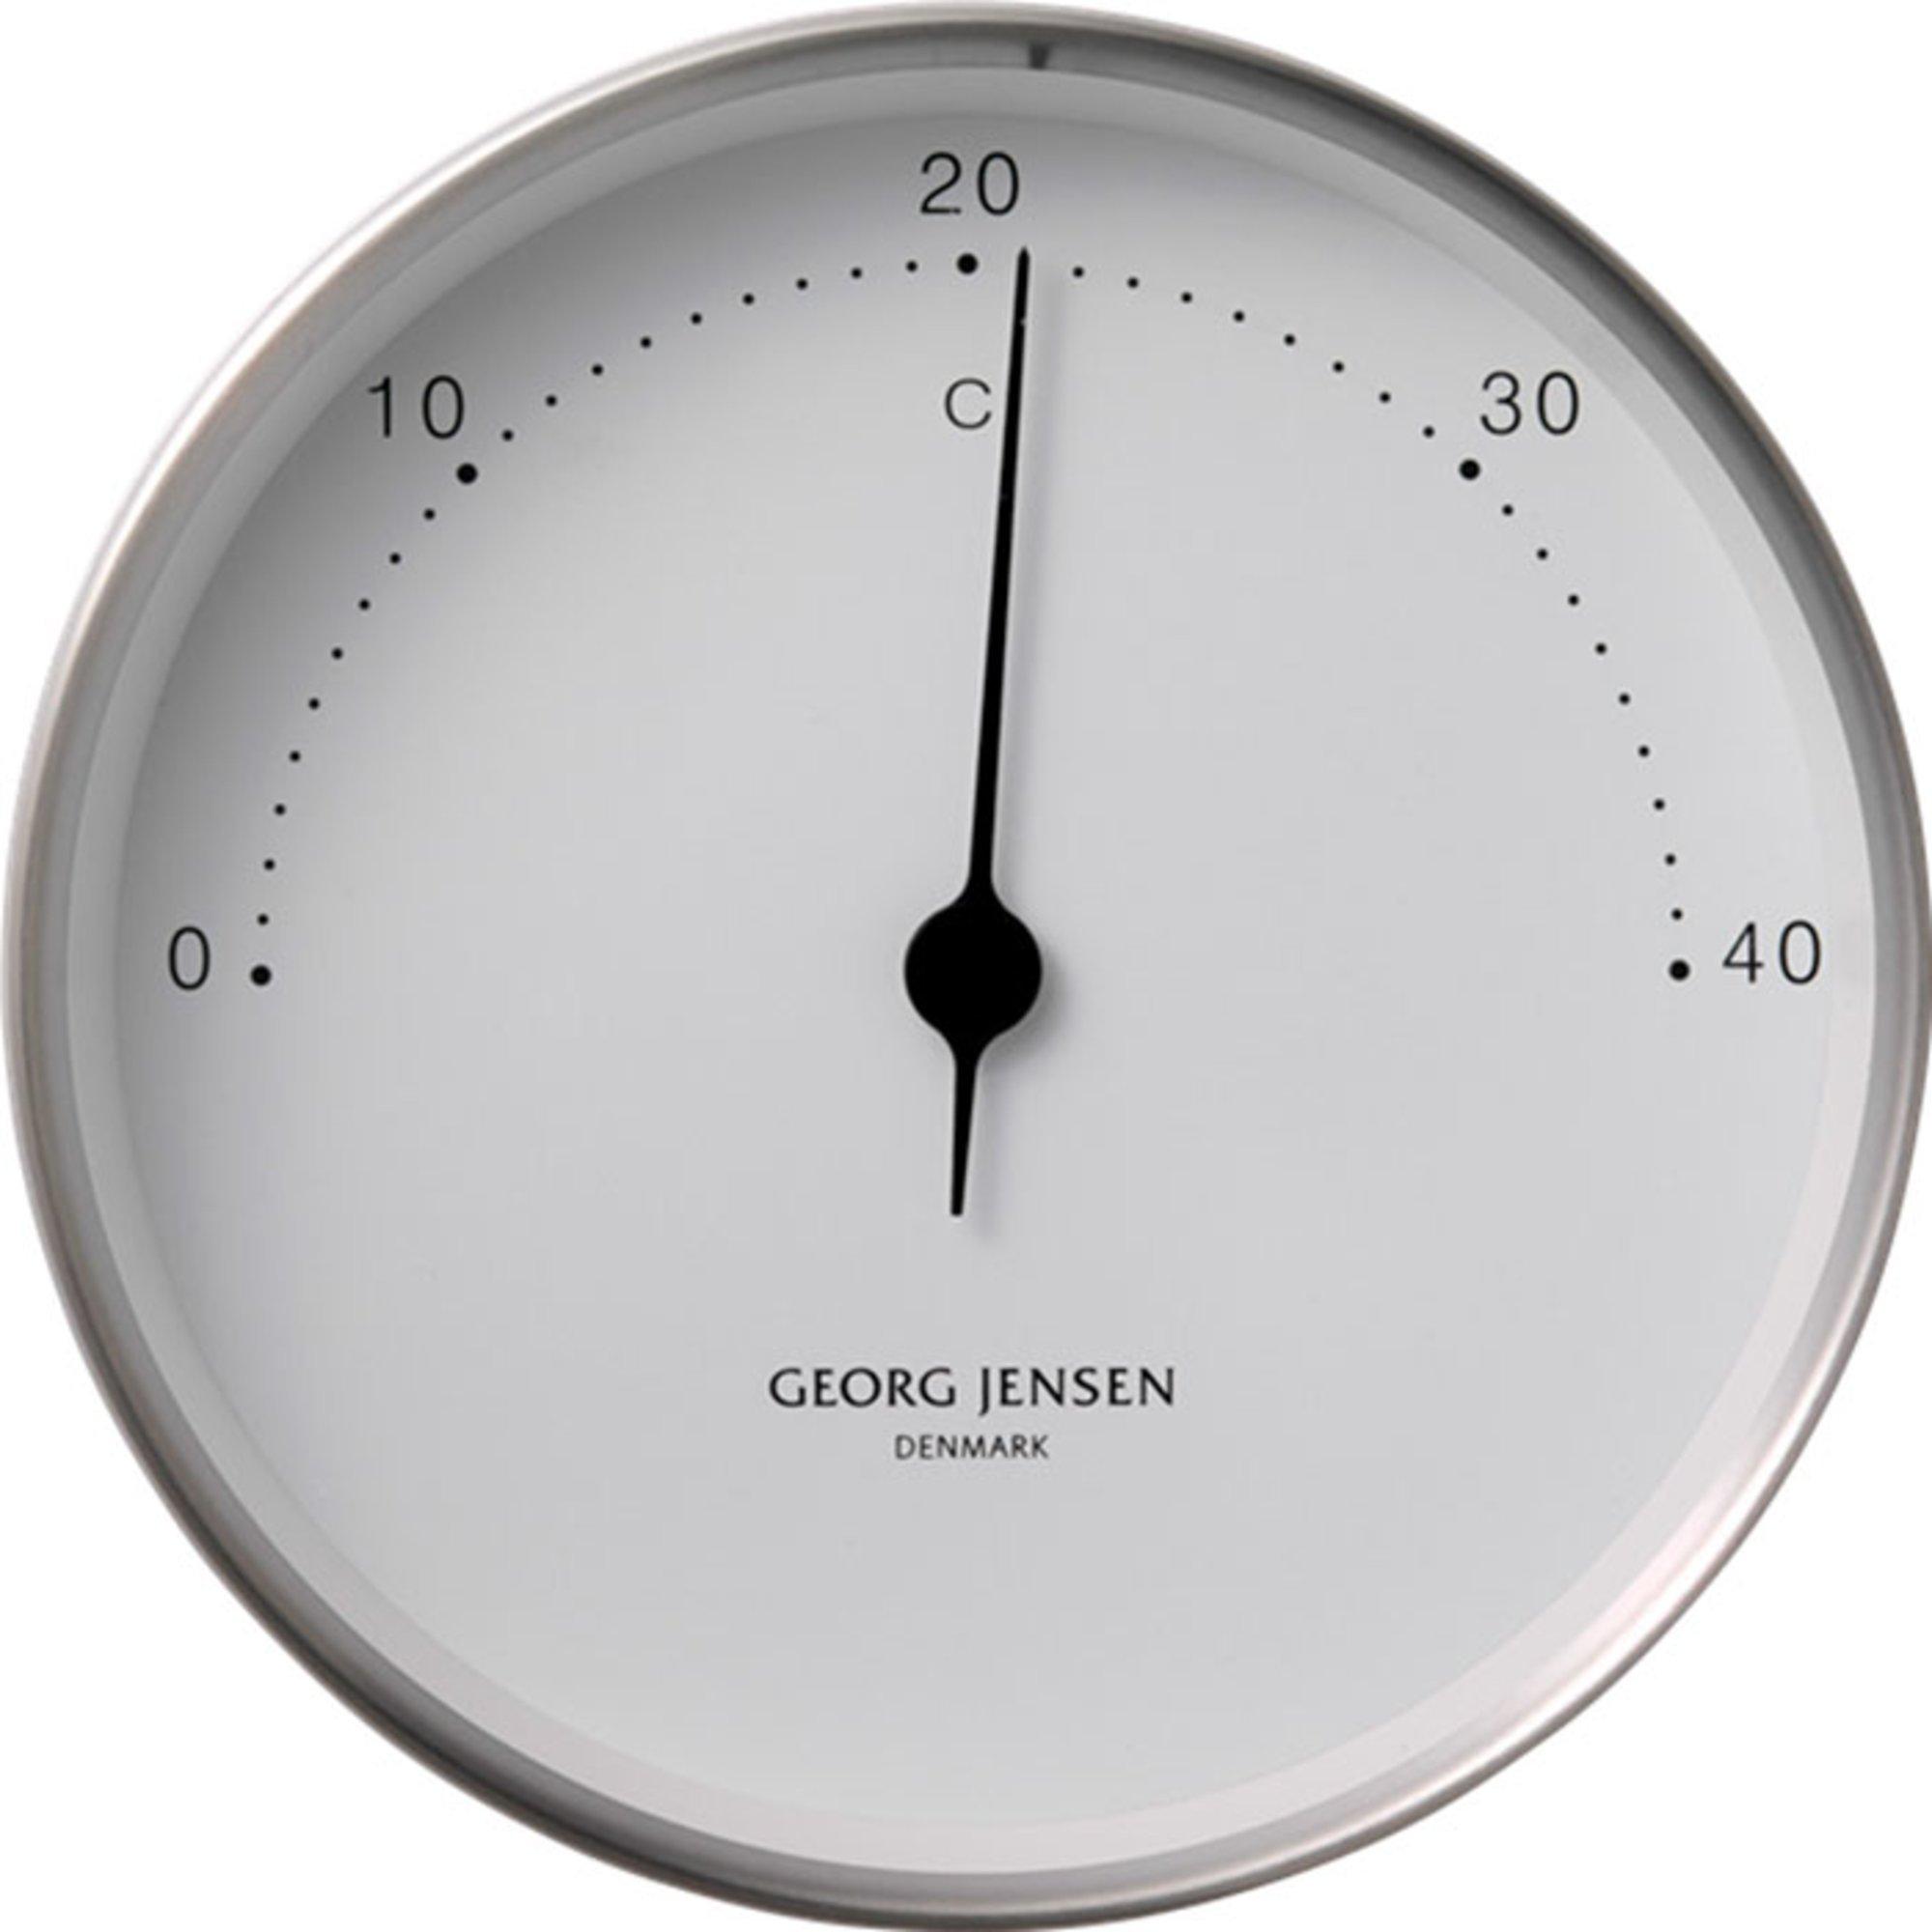 Georg Jensen Henning Koppel termometer